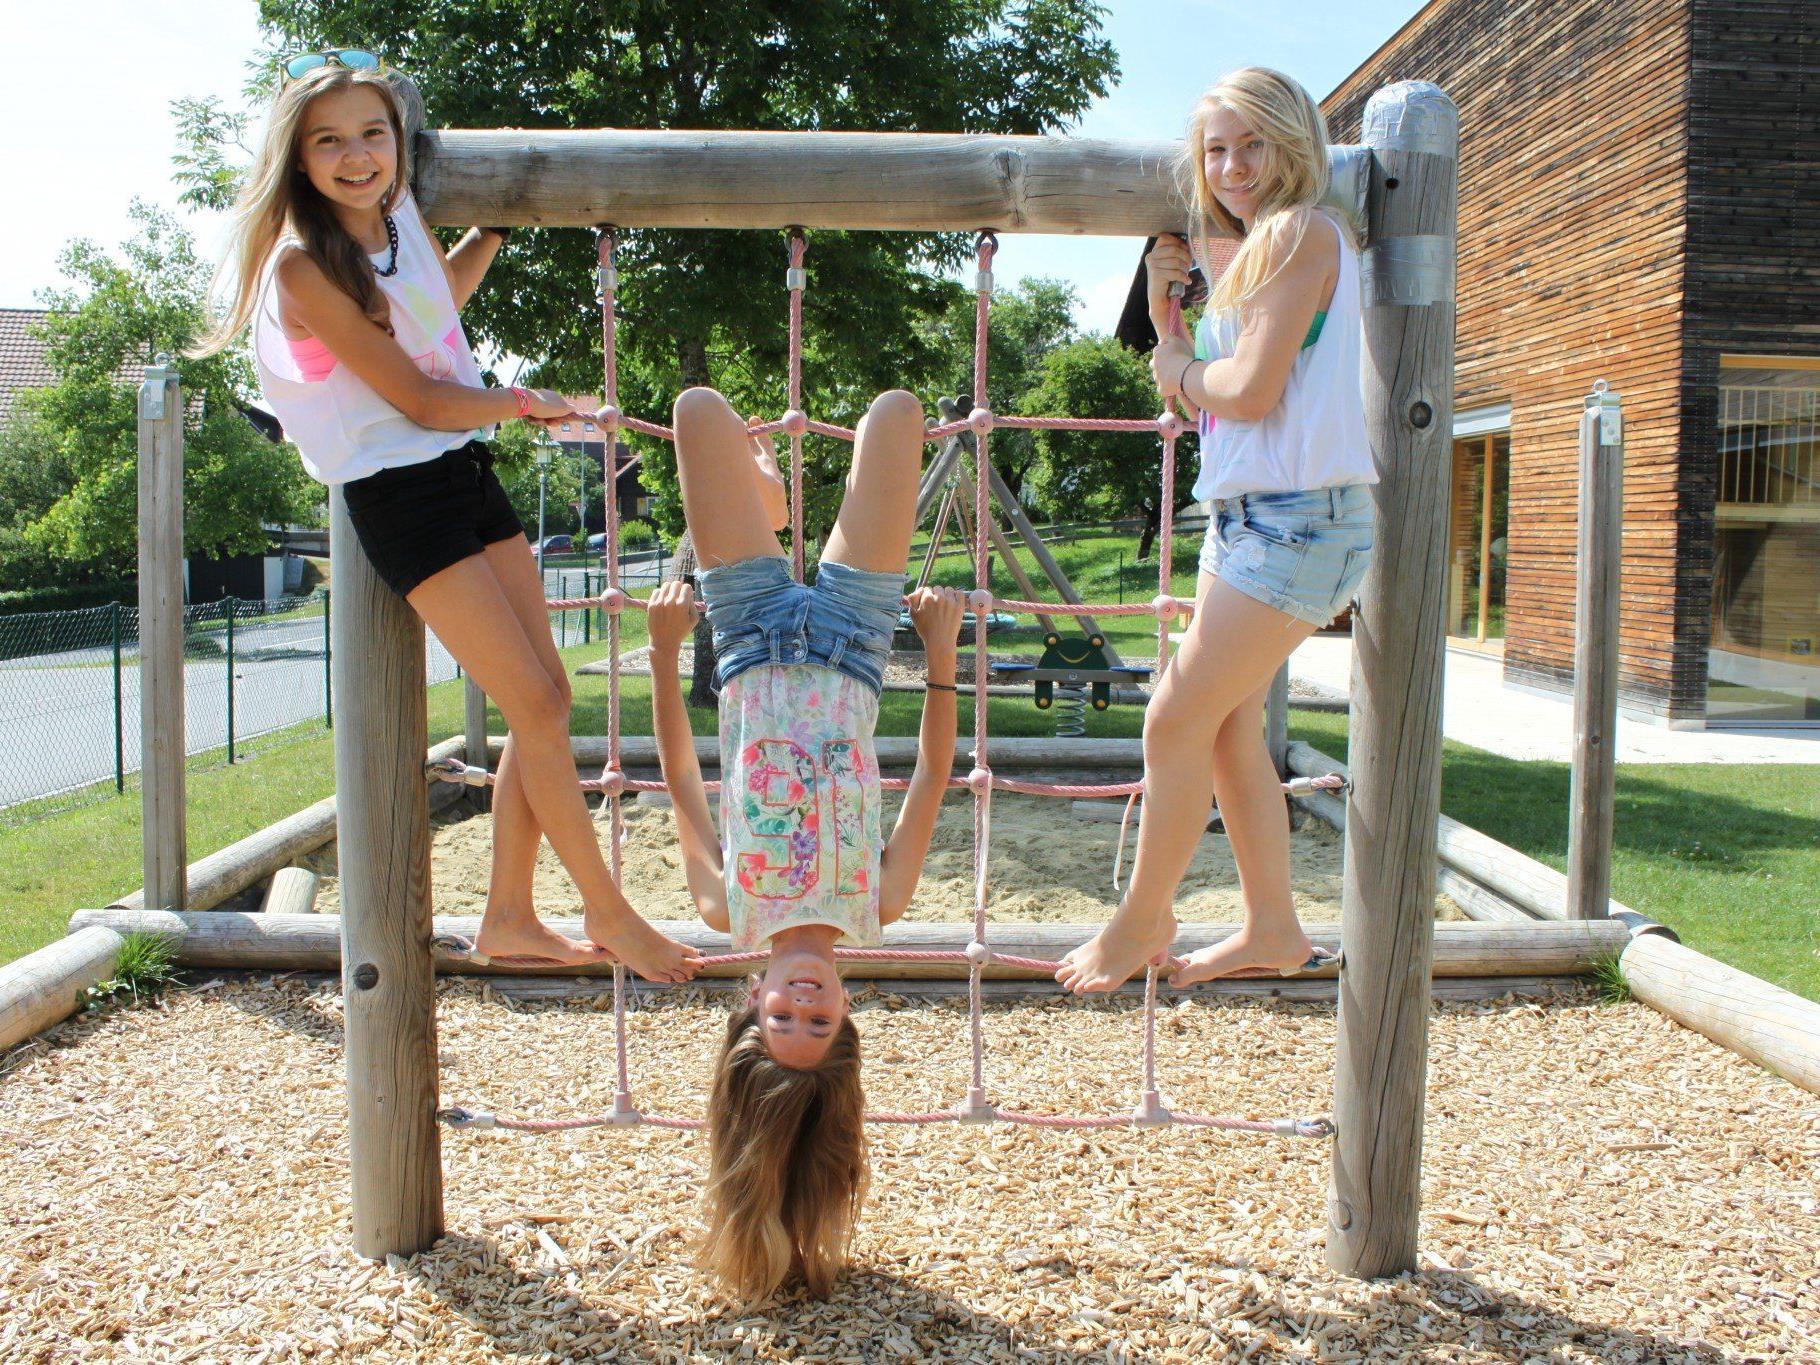 Lena, Aline und Jana freuen sich, endlich die Ferienzeit genießen zu können.